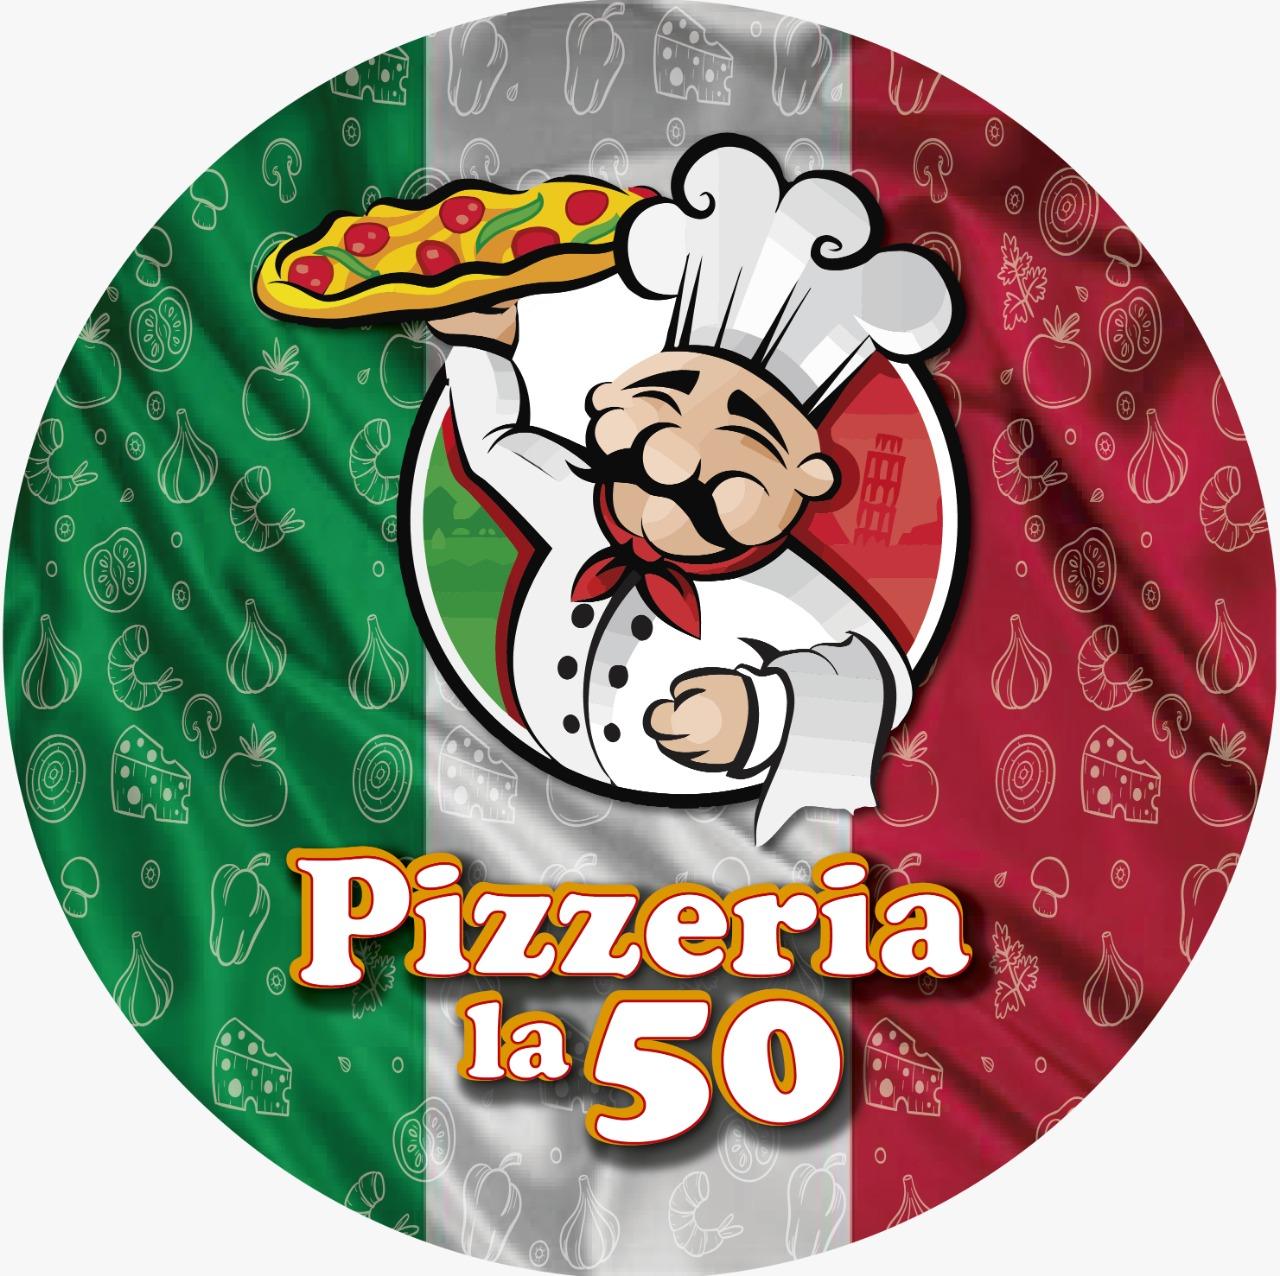 Pizzería la 50